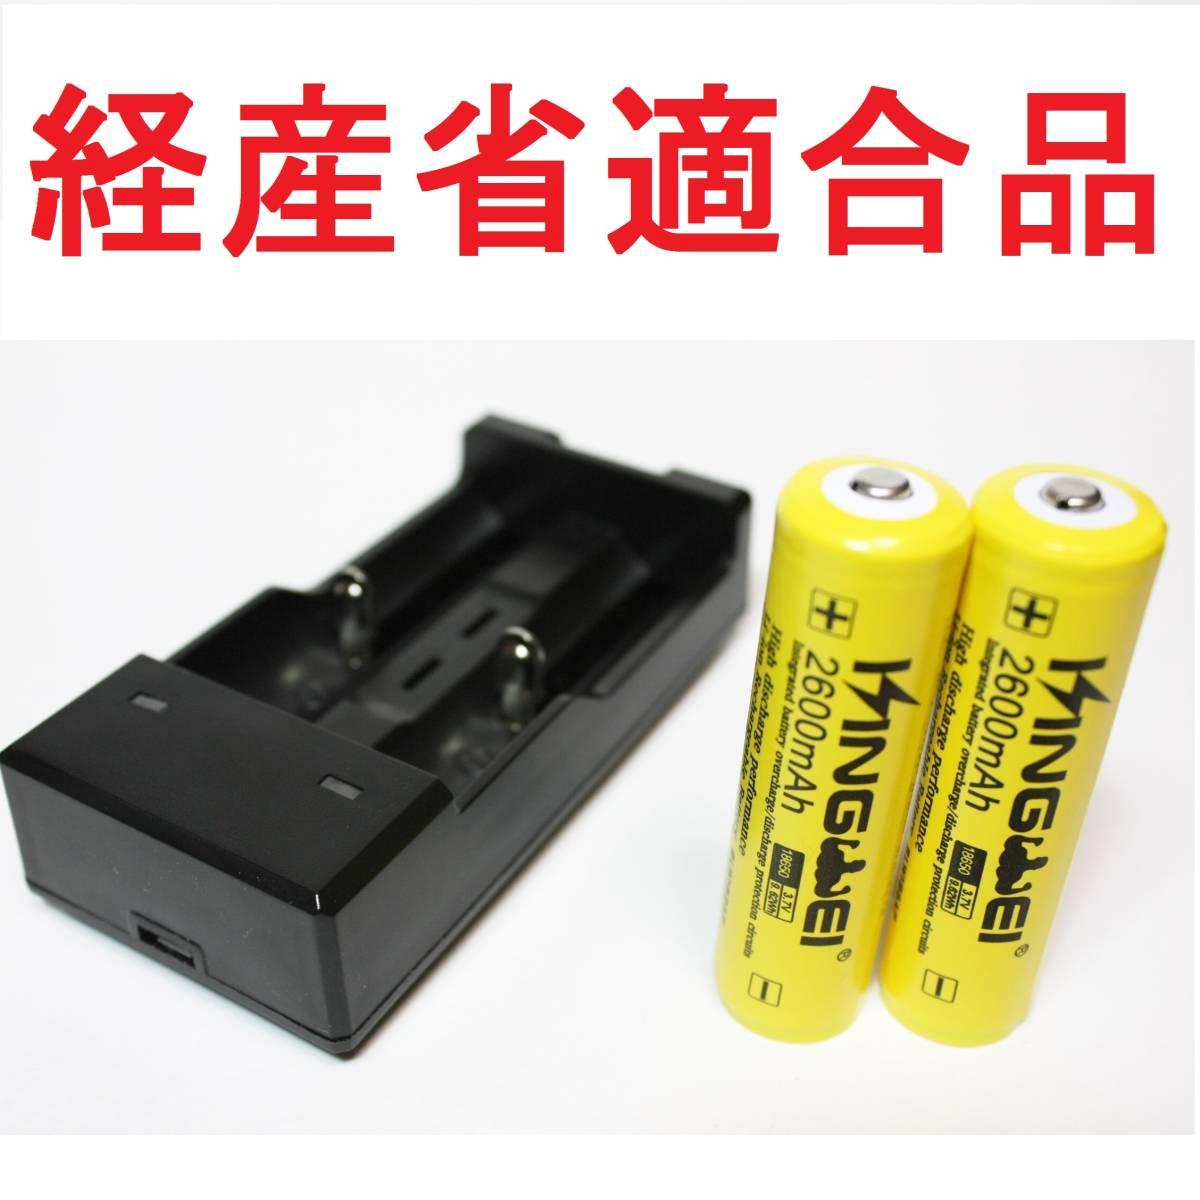 正規容量 18650 経済産業省適合品 リチウムイオン 充電池 2本 + 急速充電器 バッテリー 懐中電灯 ヘッドライト g05_画像1